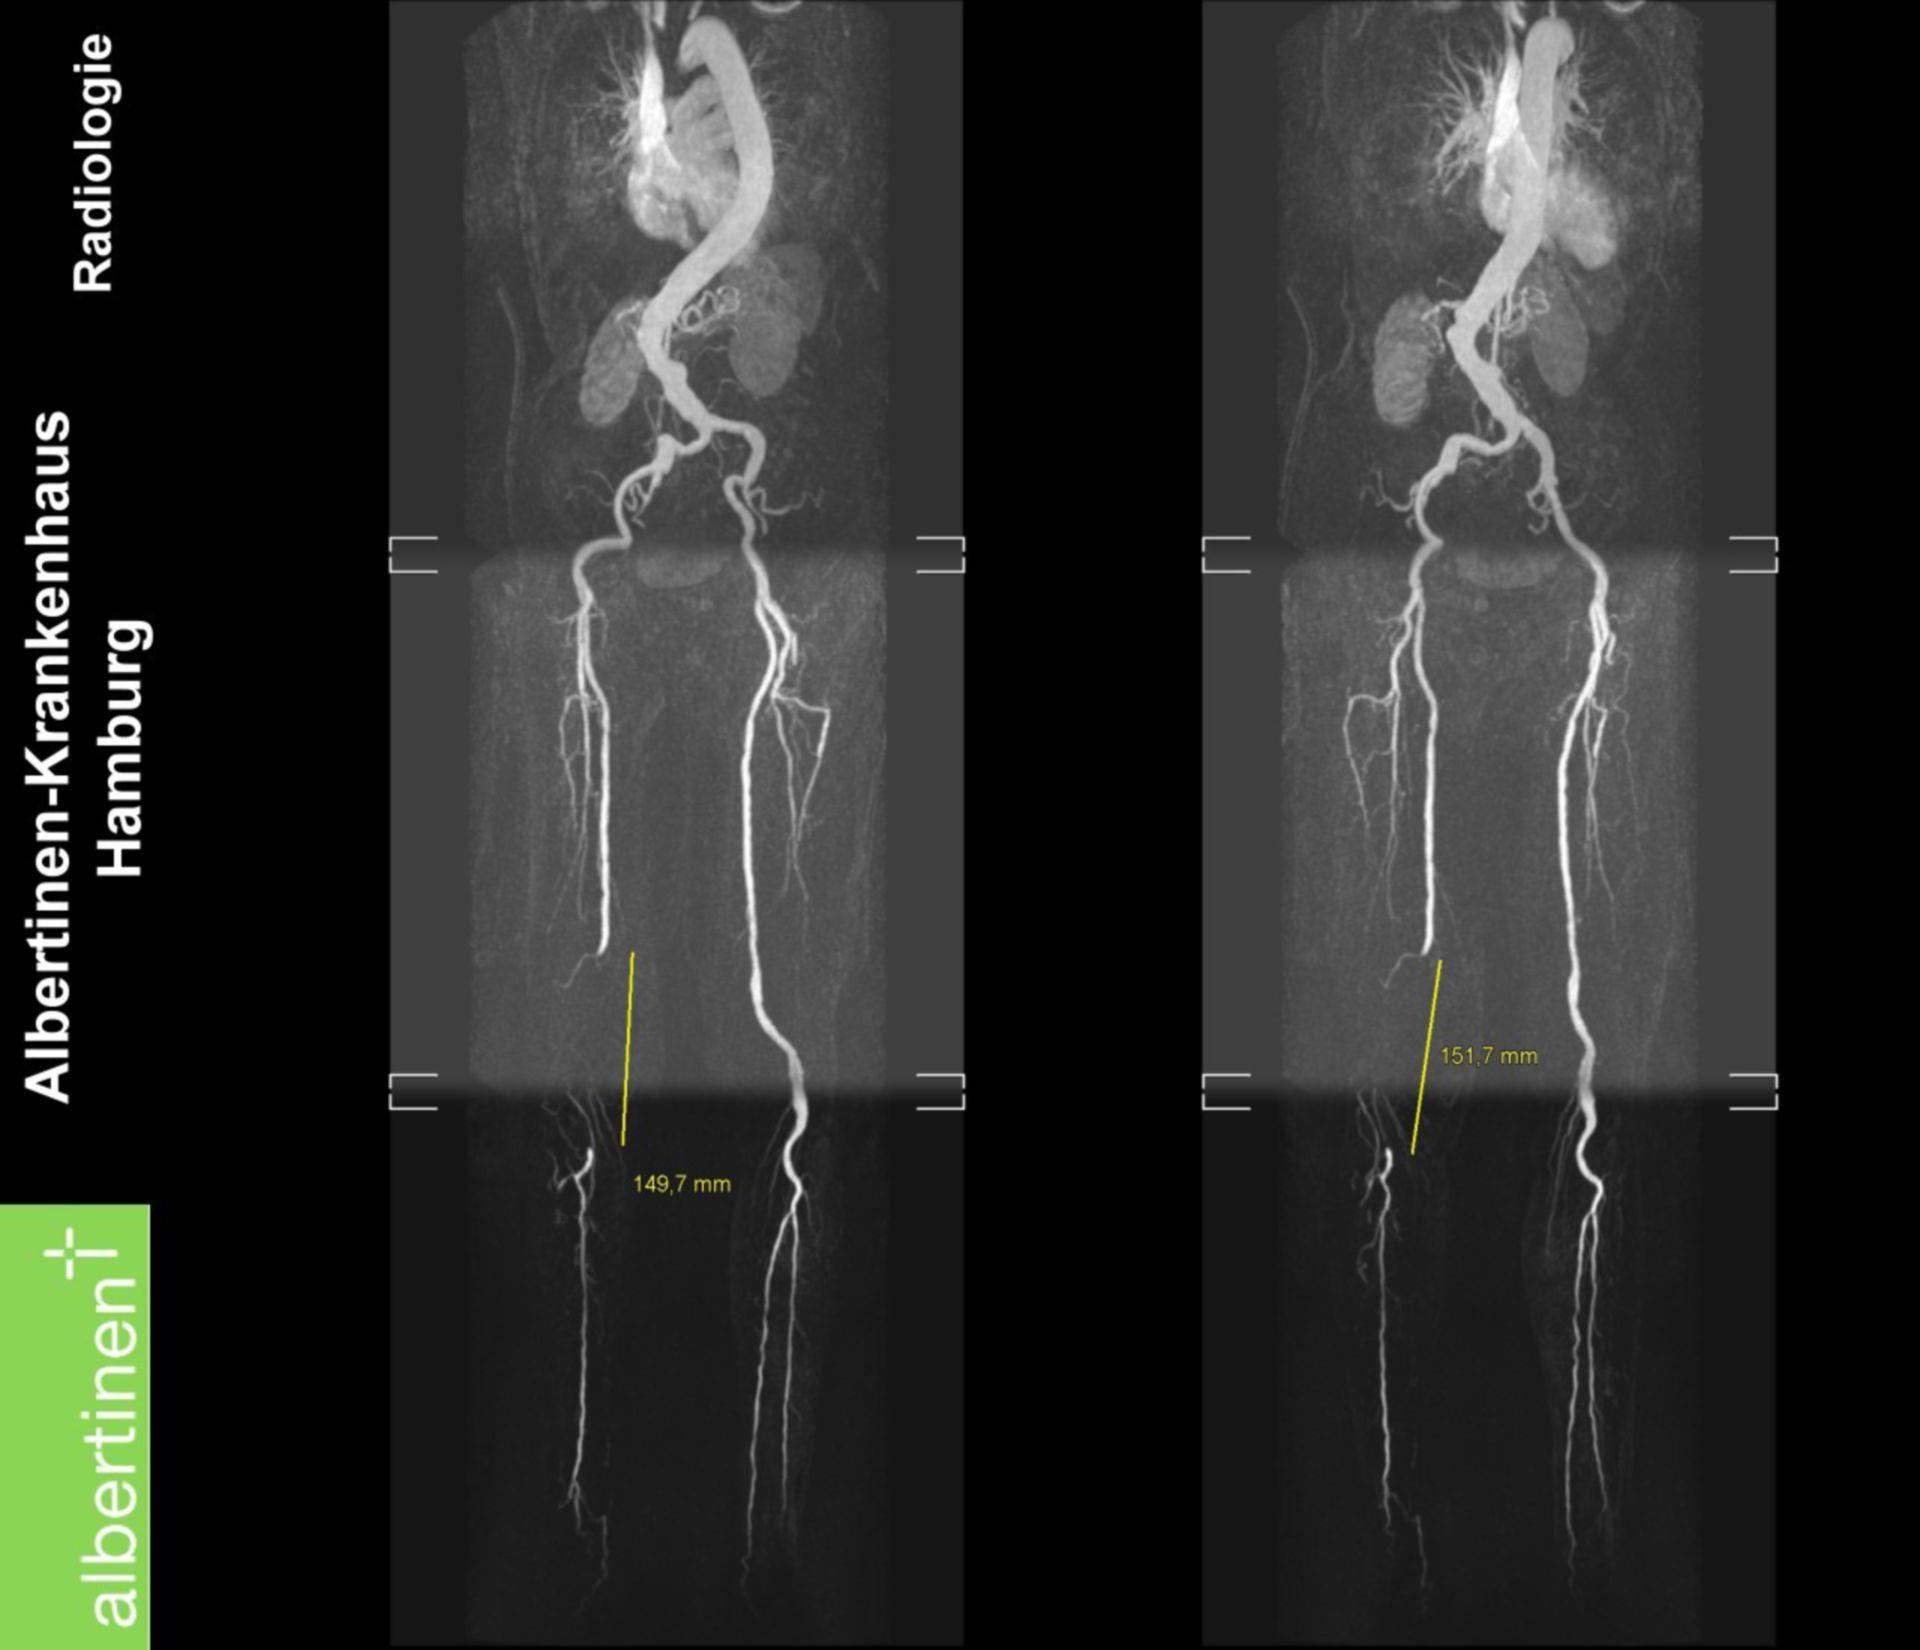 Tomografia computerizzata a risonanza magnetica nucleare - occlusione femoralis